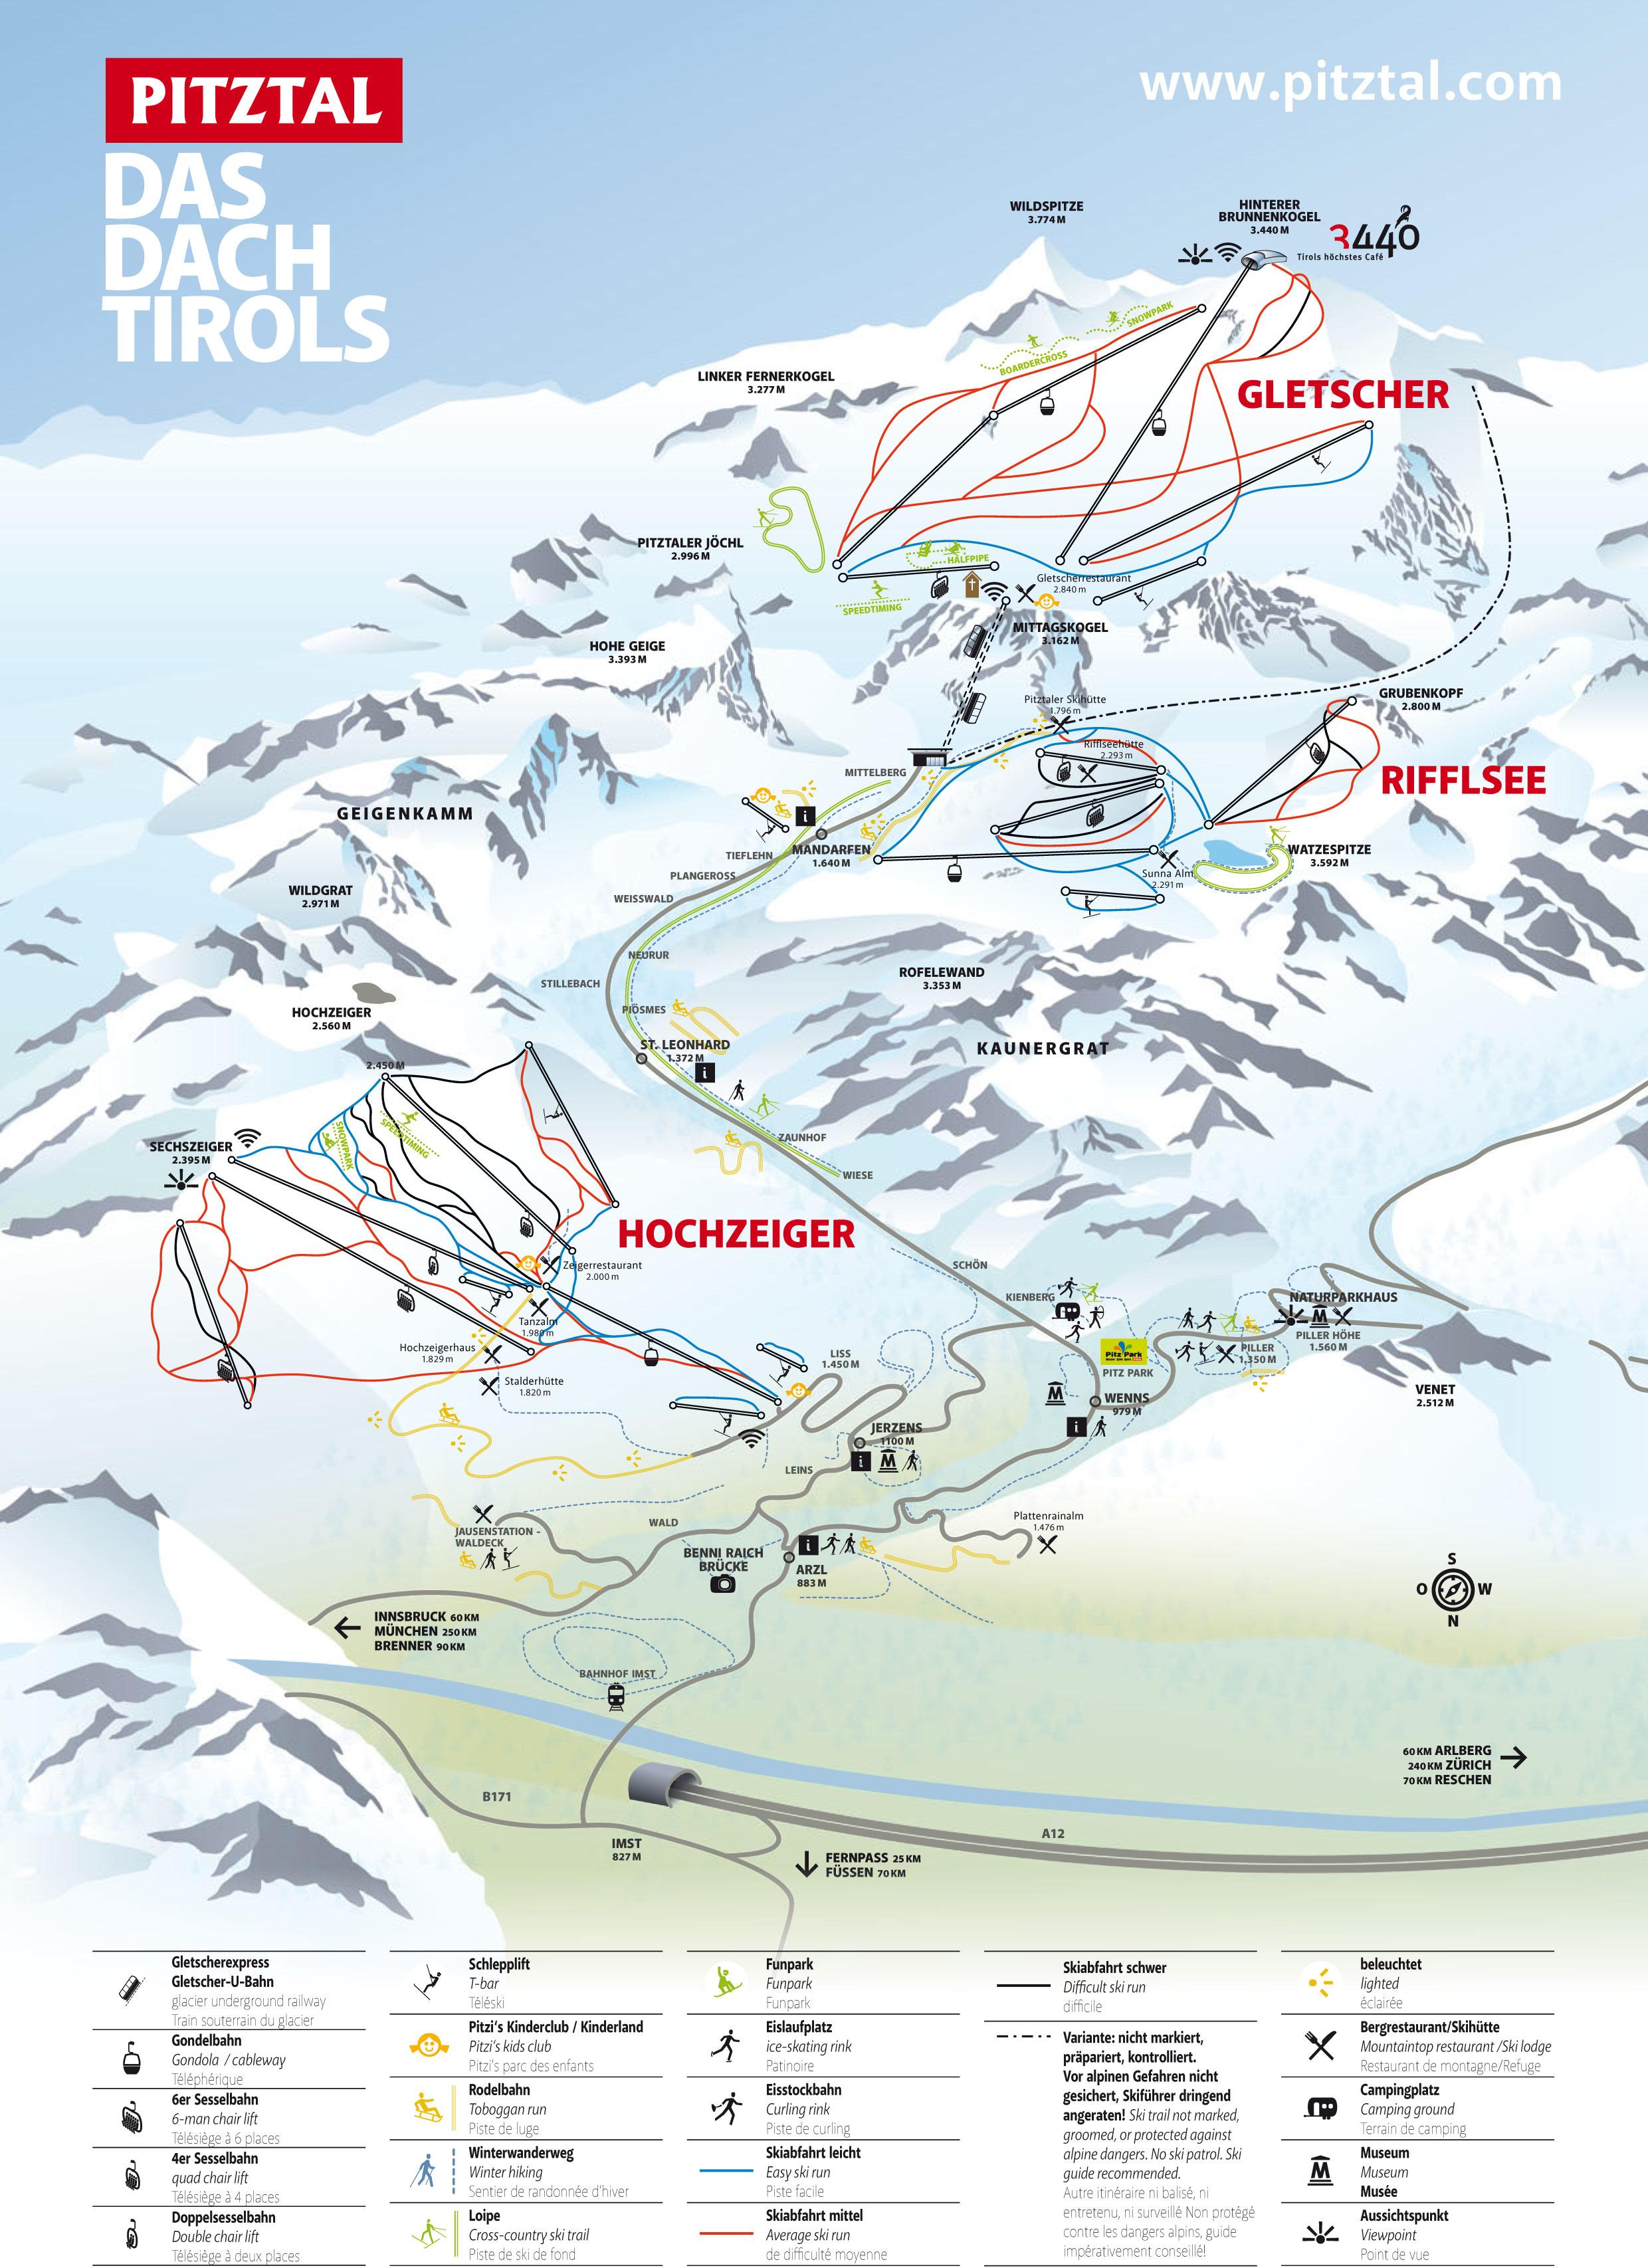 Pitztal Karte.Pistenplan Pitztal österreich